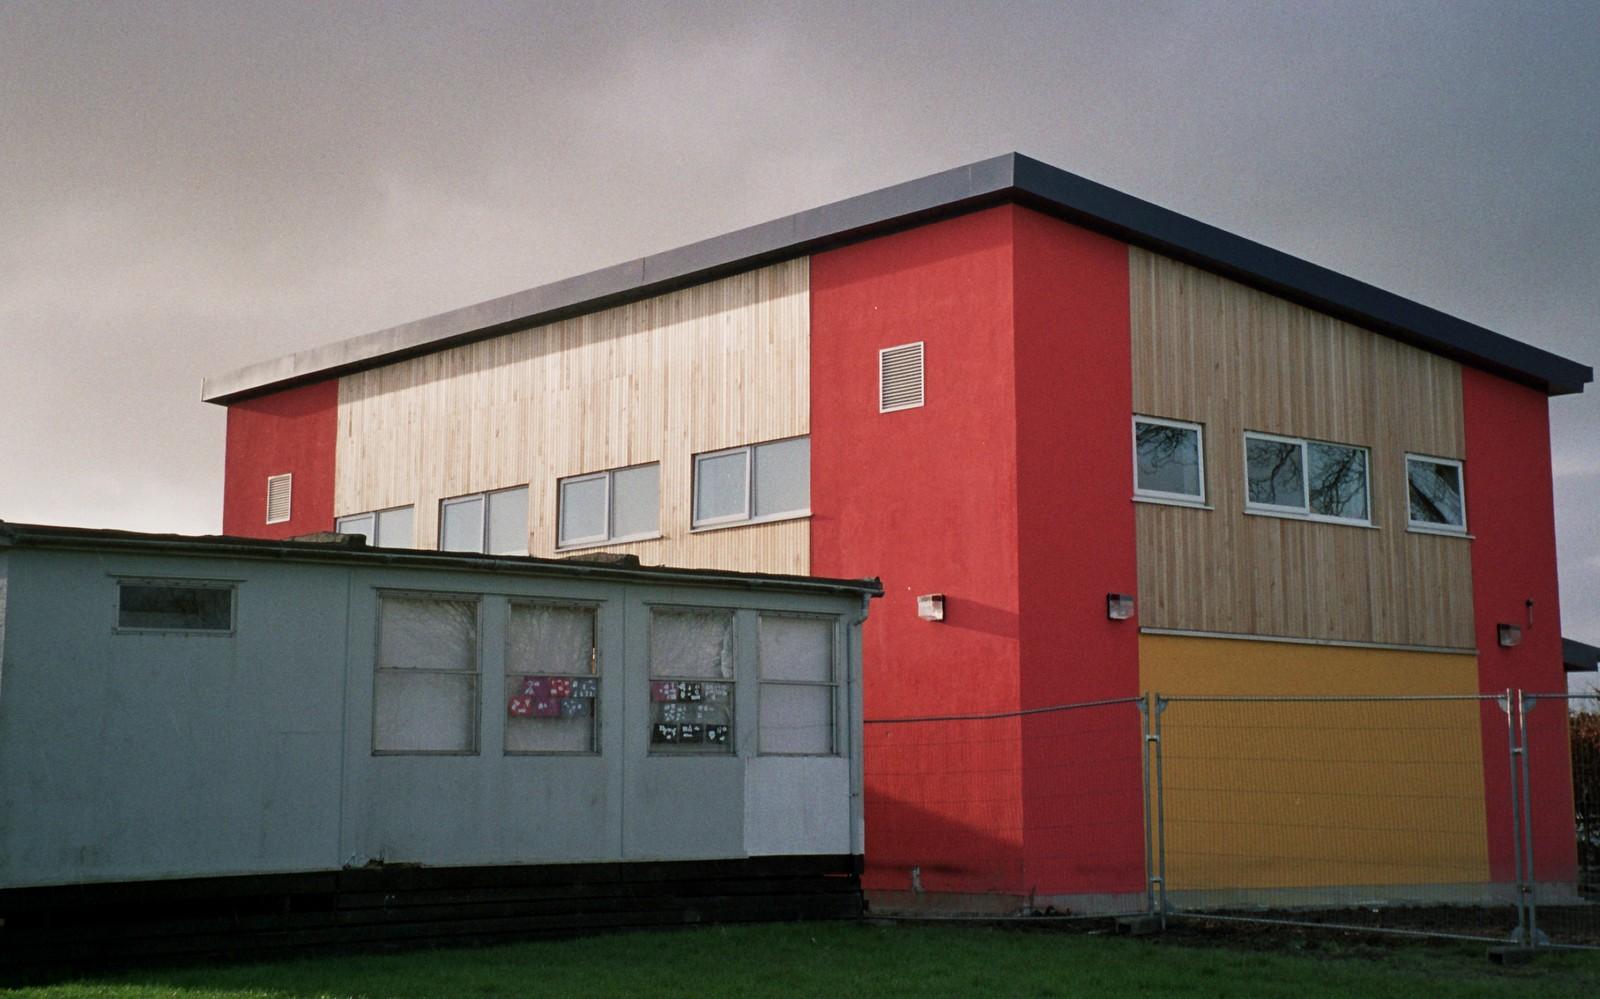 Community Hall Bothkennar School, Falkirk